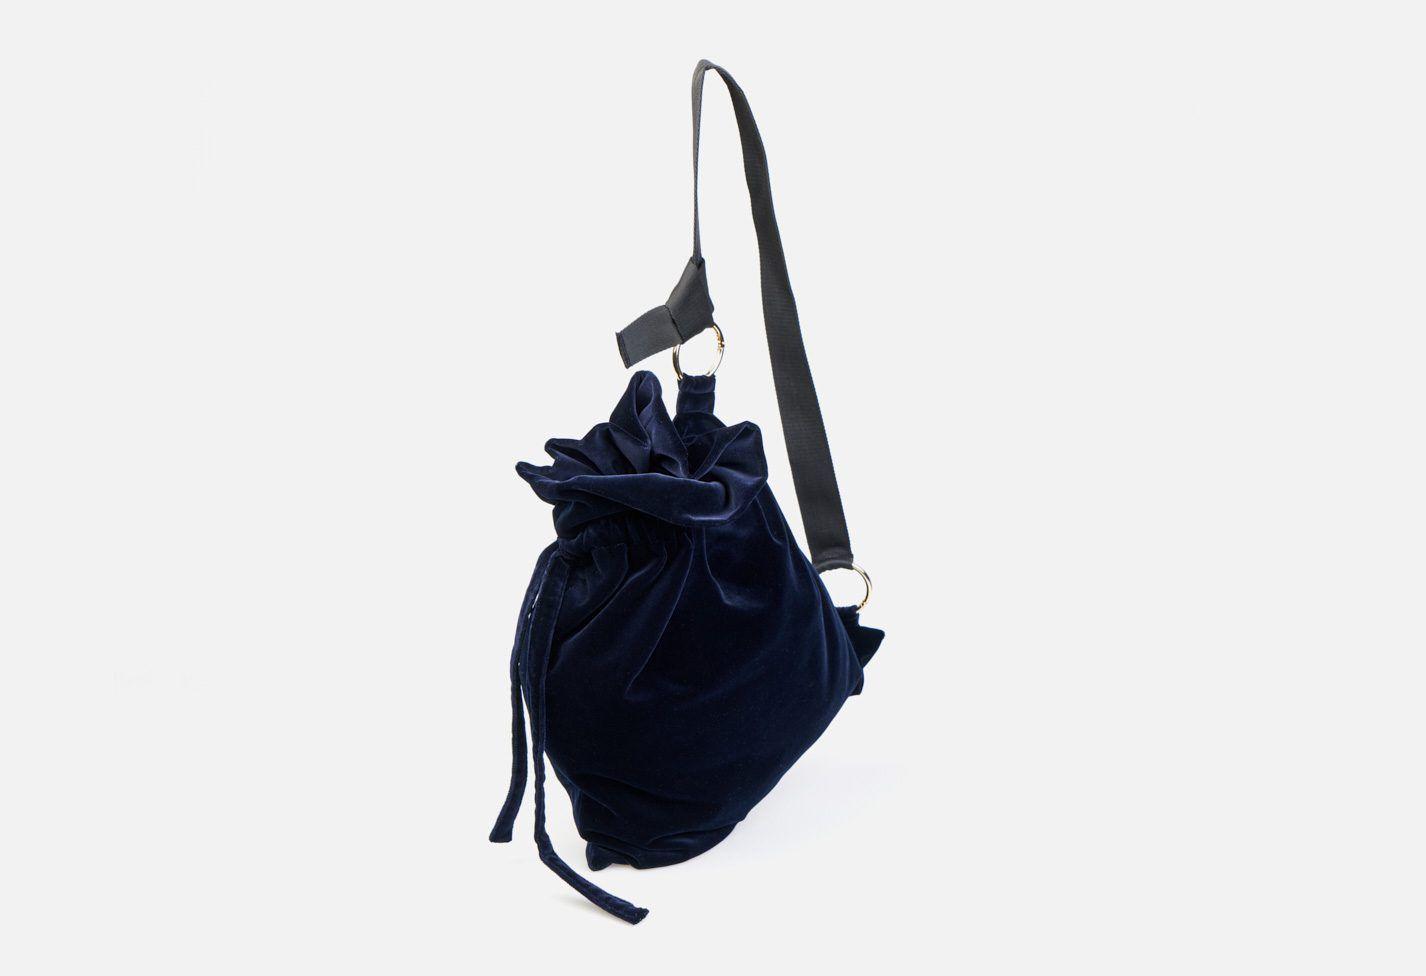 Bolso bandolera de terciopelo en color marino y cintería negra sujeta con anillas metálicas en color oro blanco - Modelo Haendel en color azul-marino